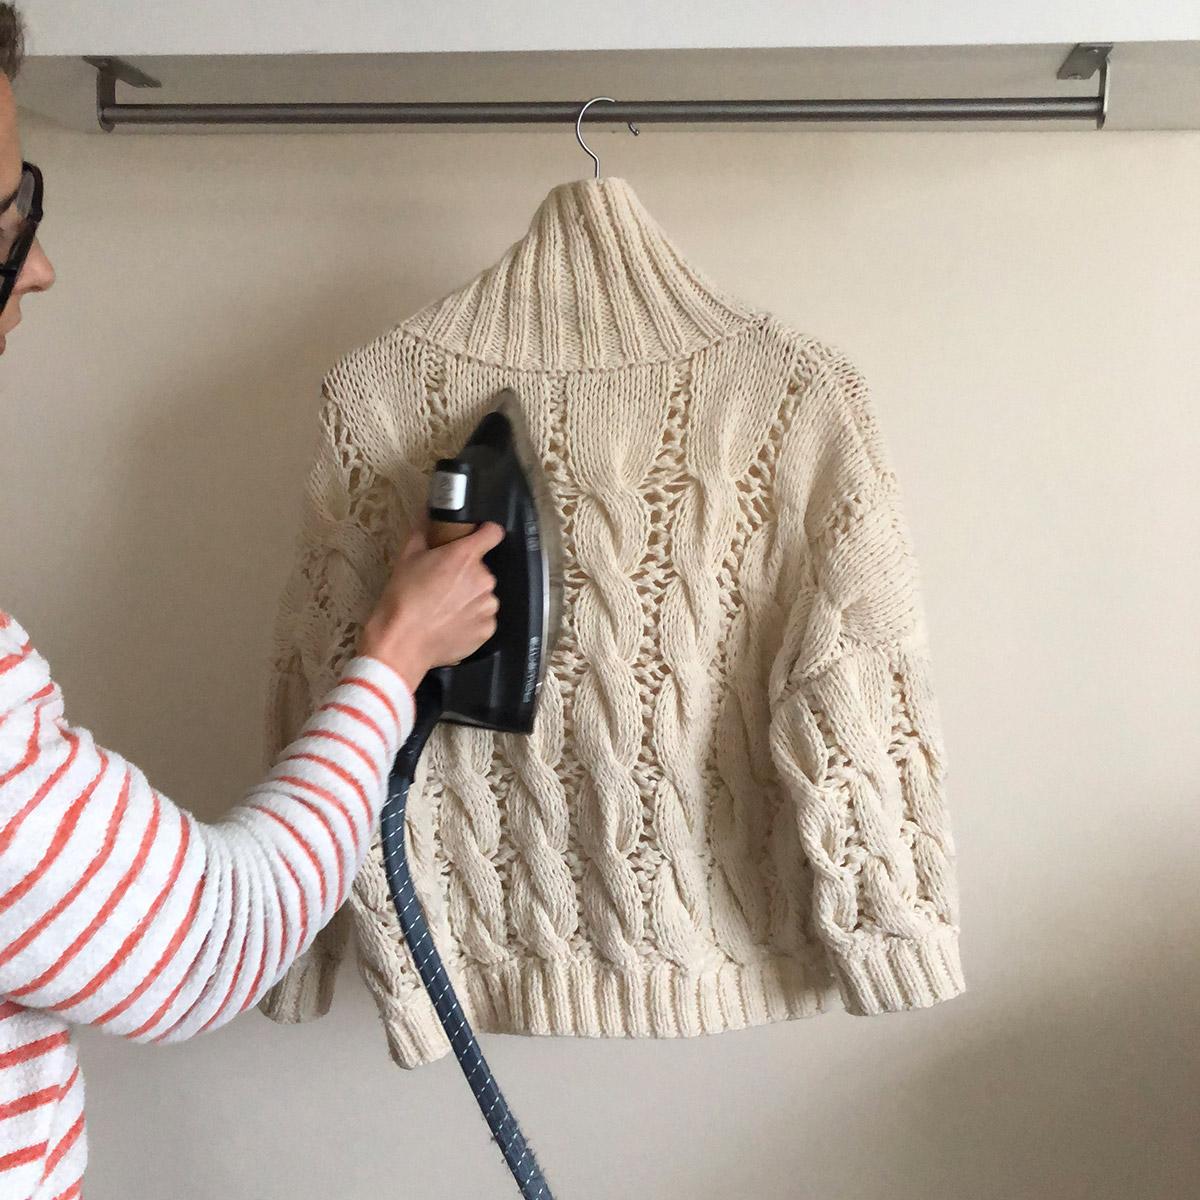 Blog Garment Steamer